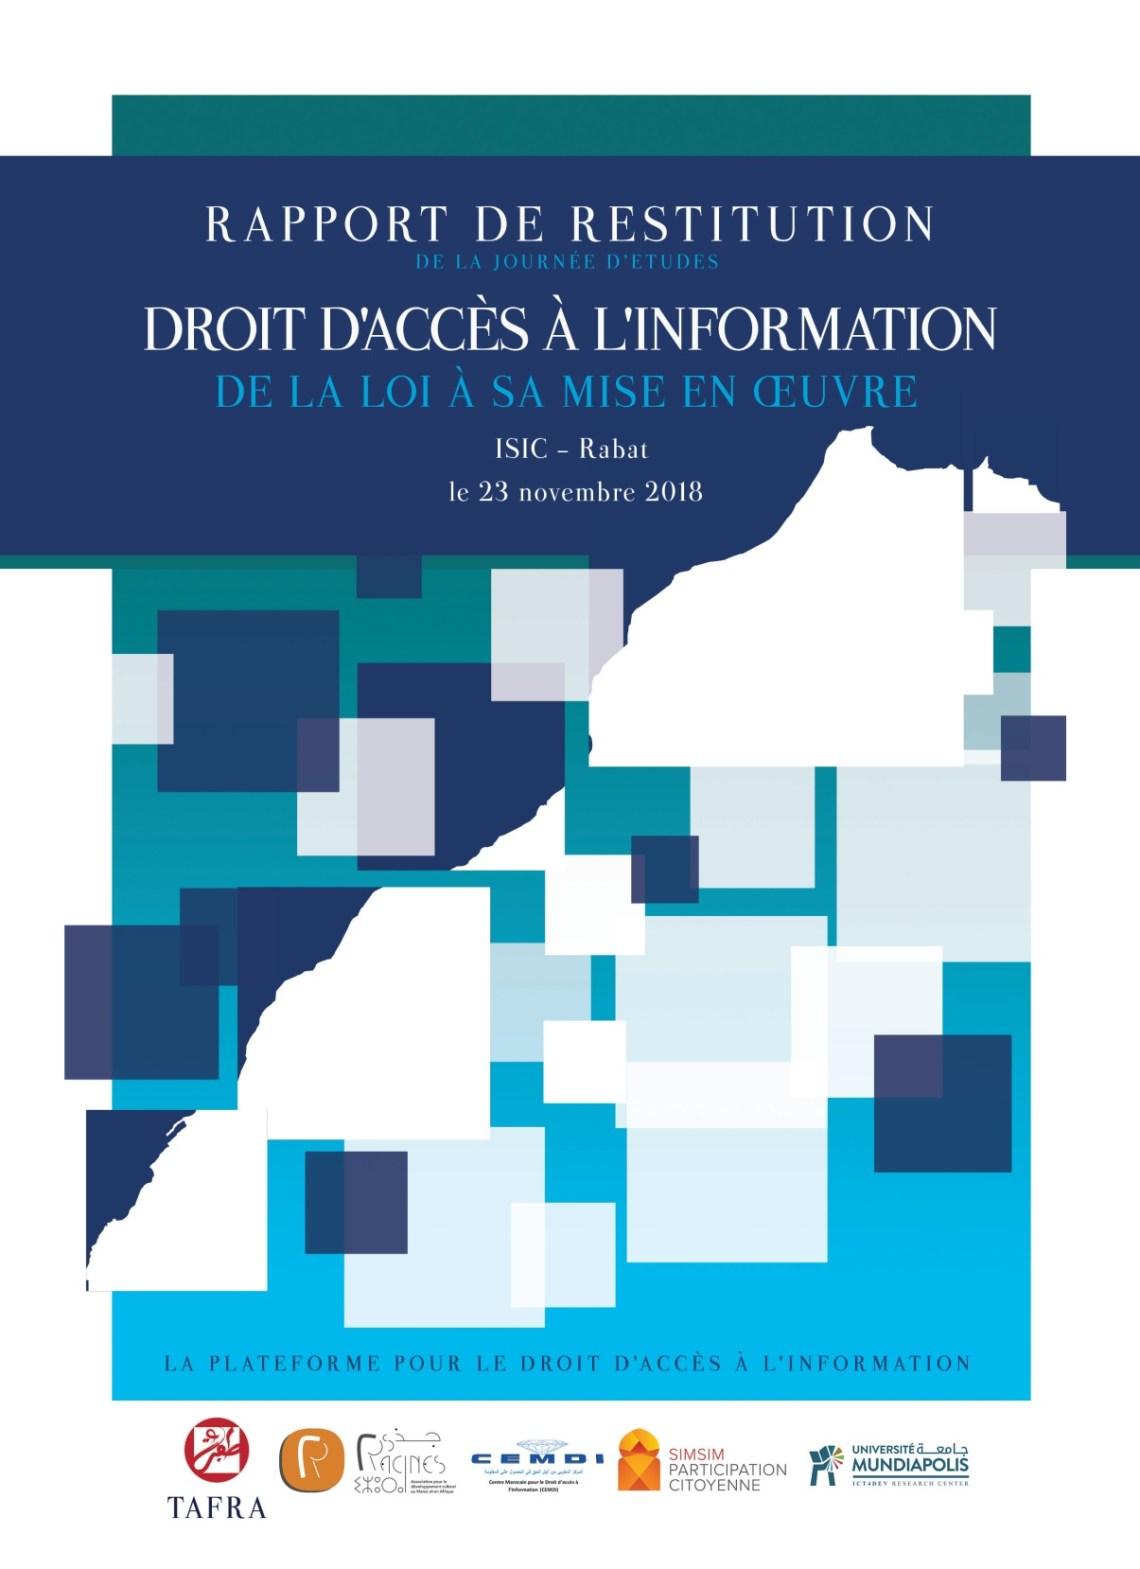 Rapport de restitution – Droit  d'accès a l'information